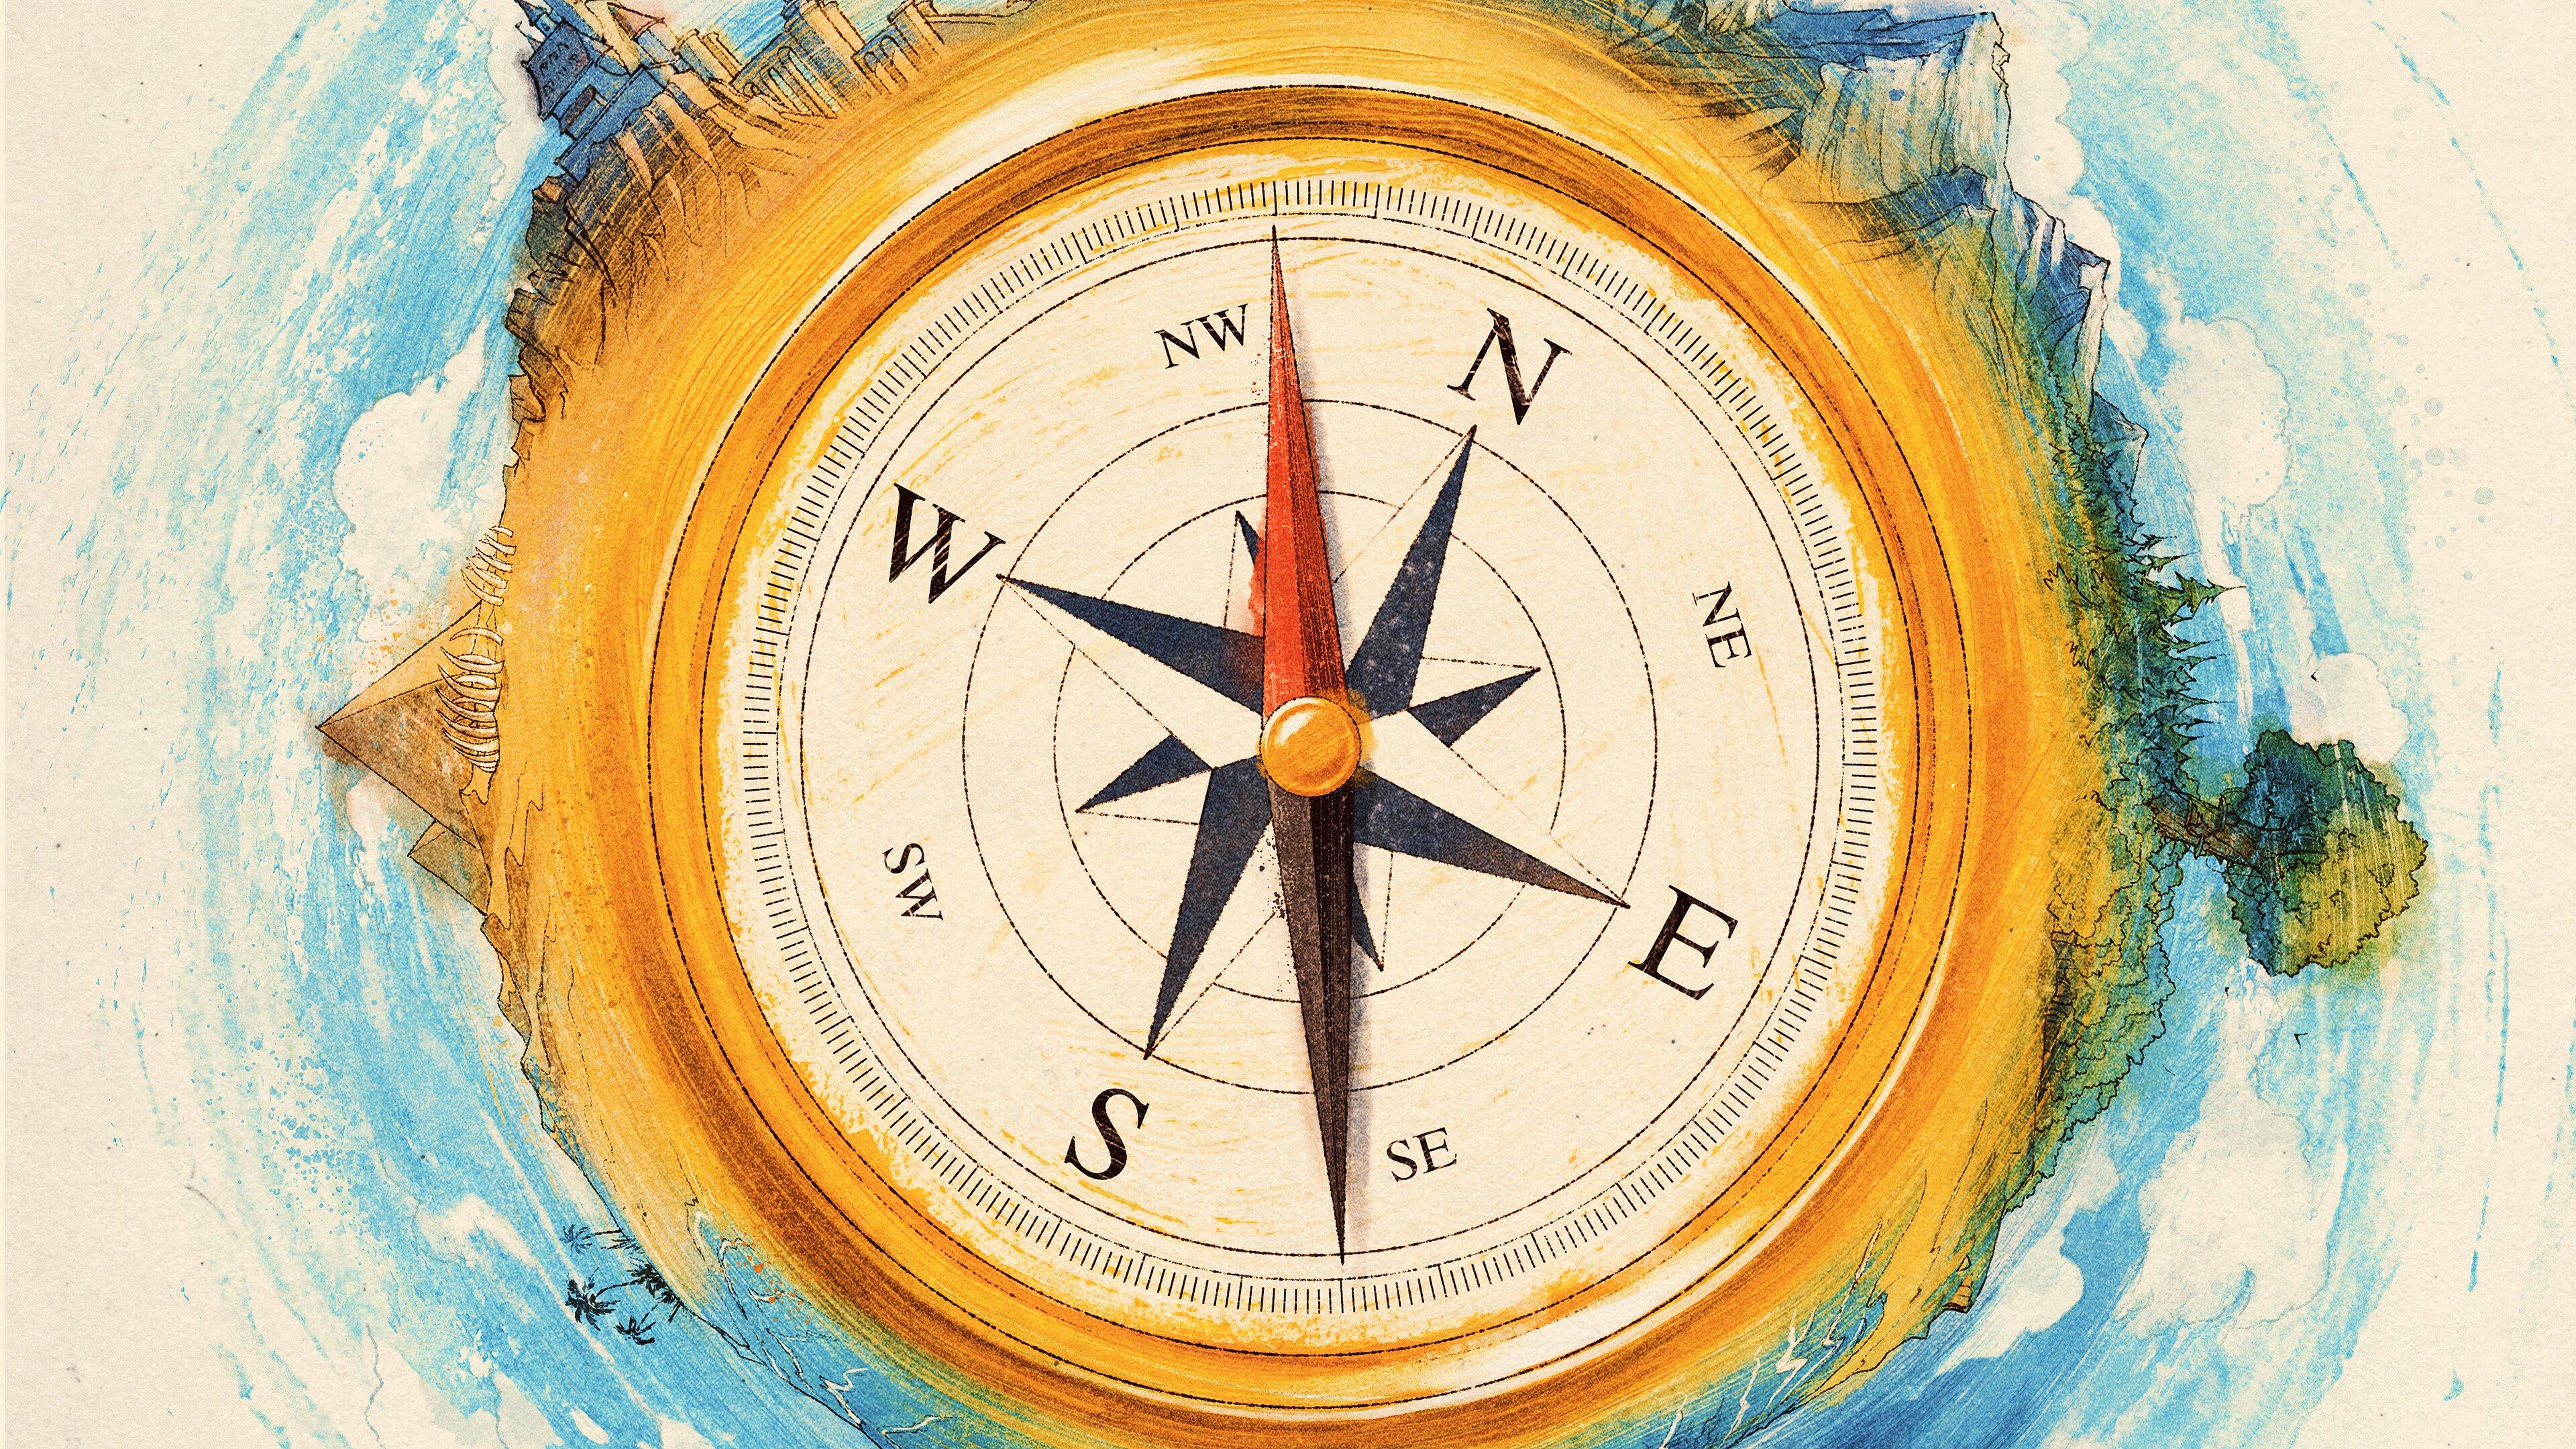 Wallpaper Compass directions Digital Art